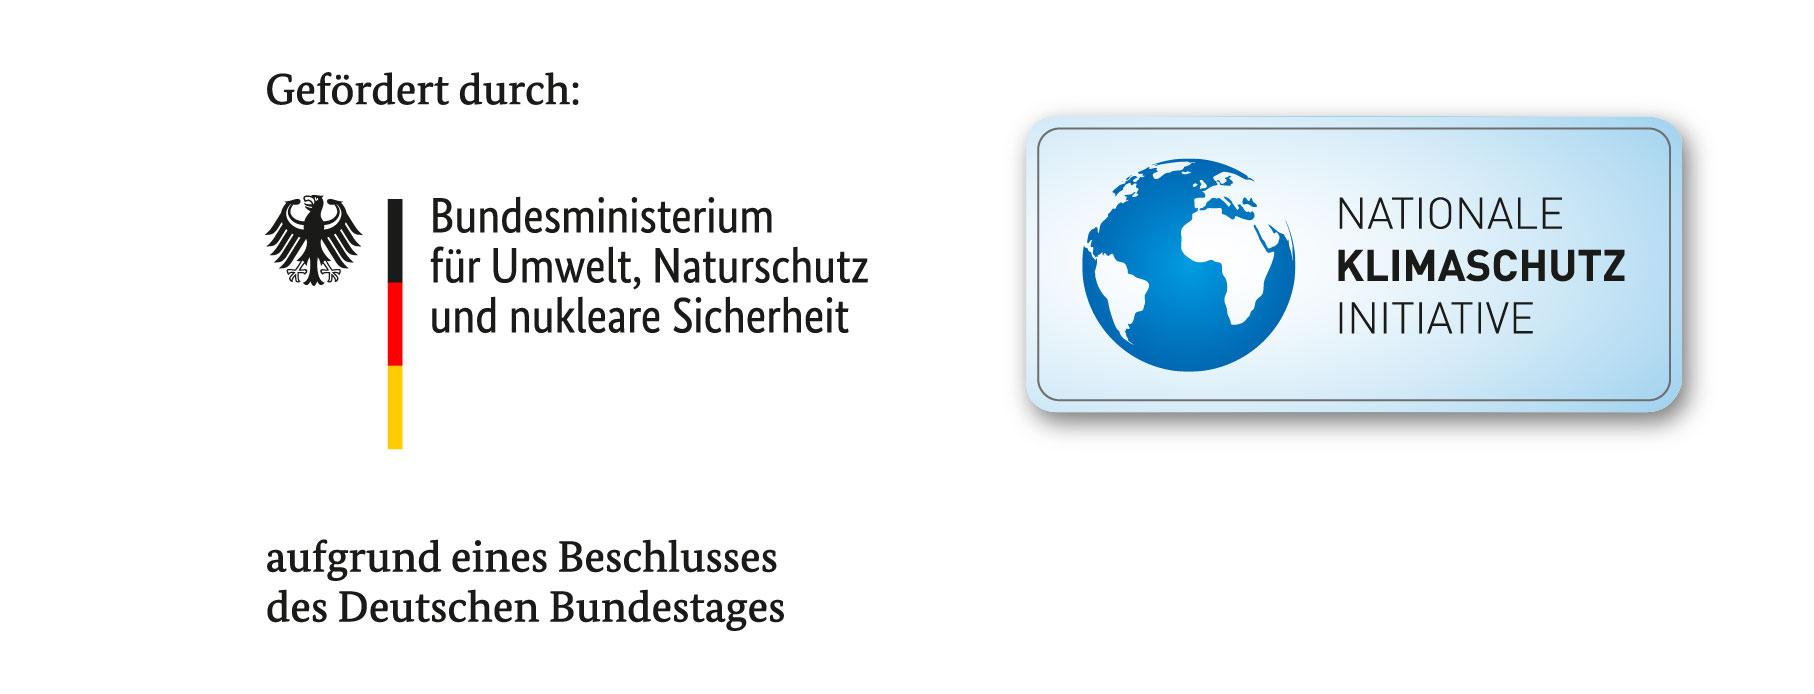 neues Logo NKI-geförderte Klimaschutz-Projekte